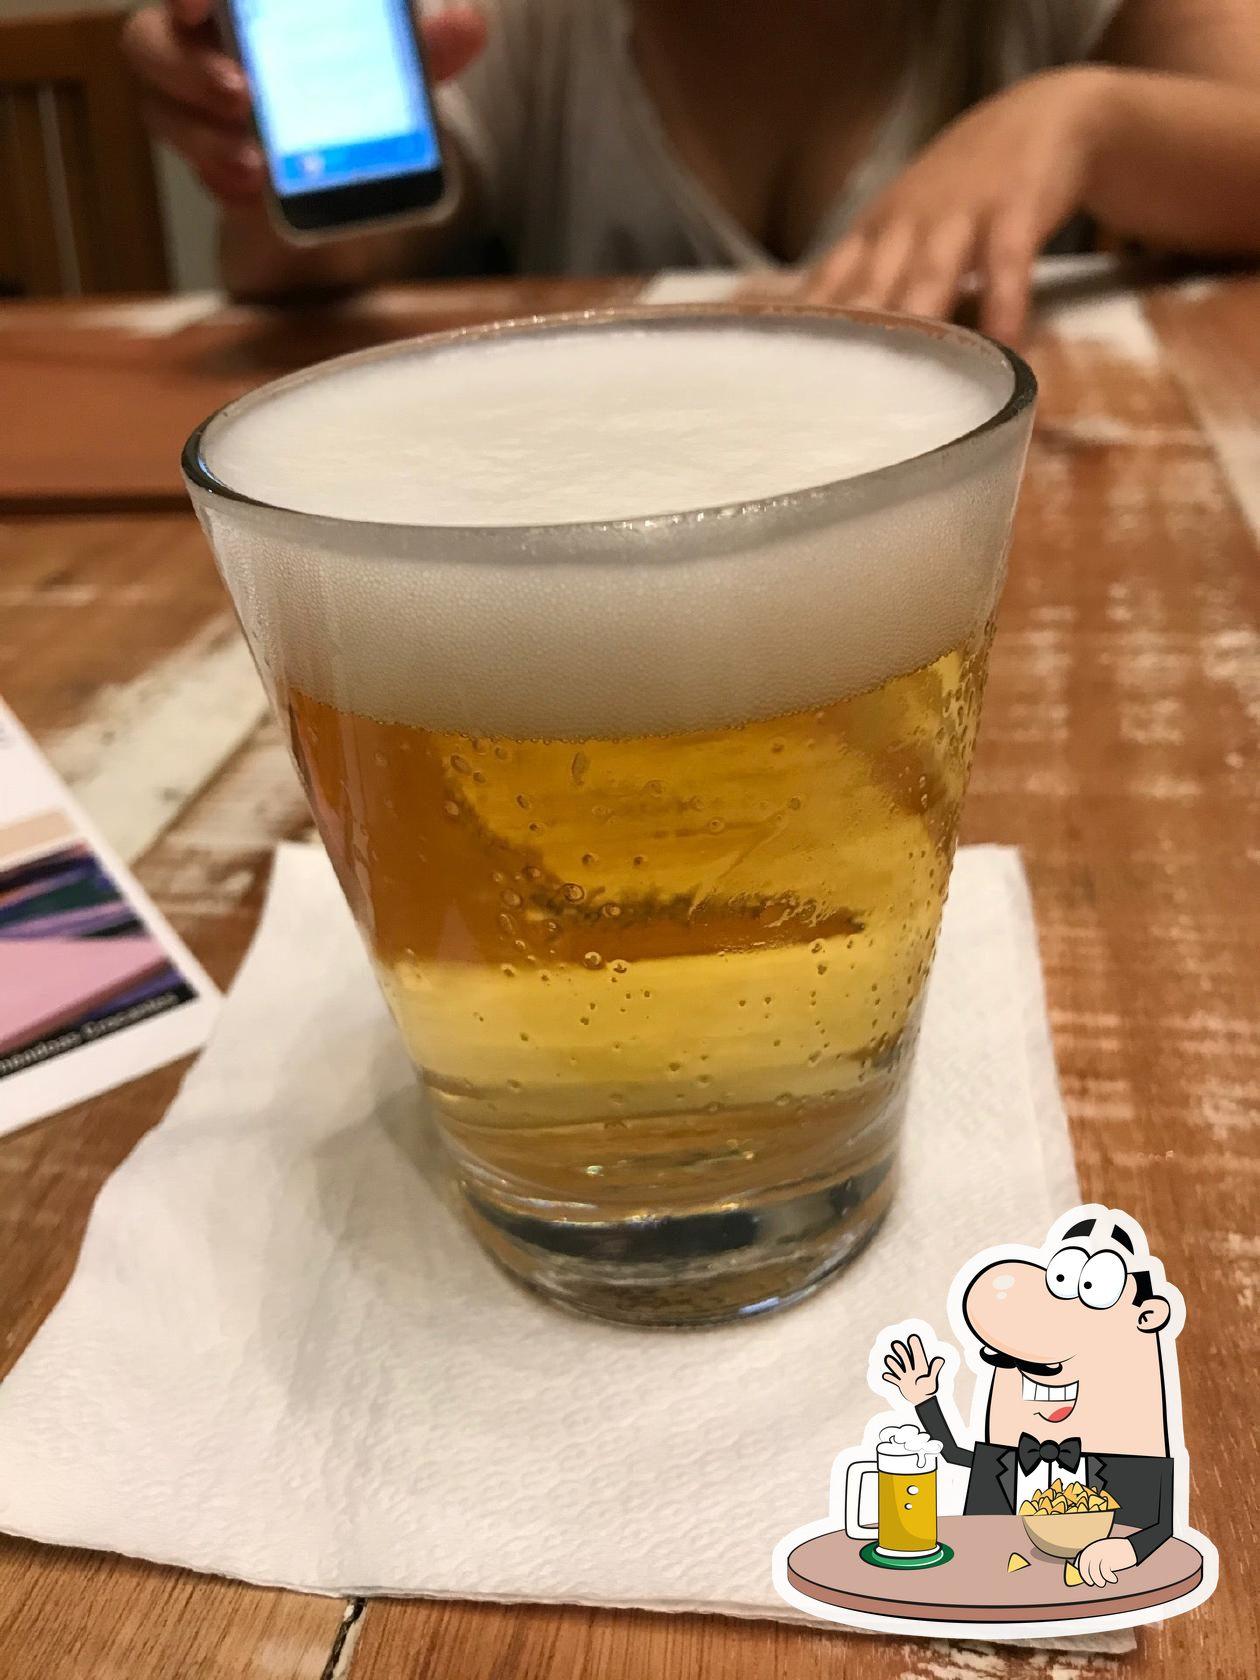 Desfrute a seleção de cervejas